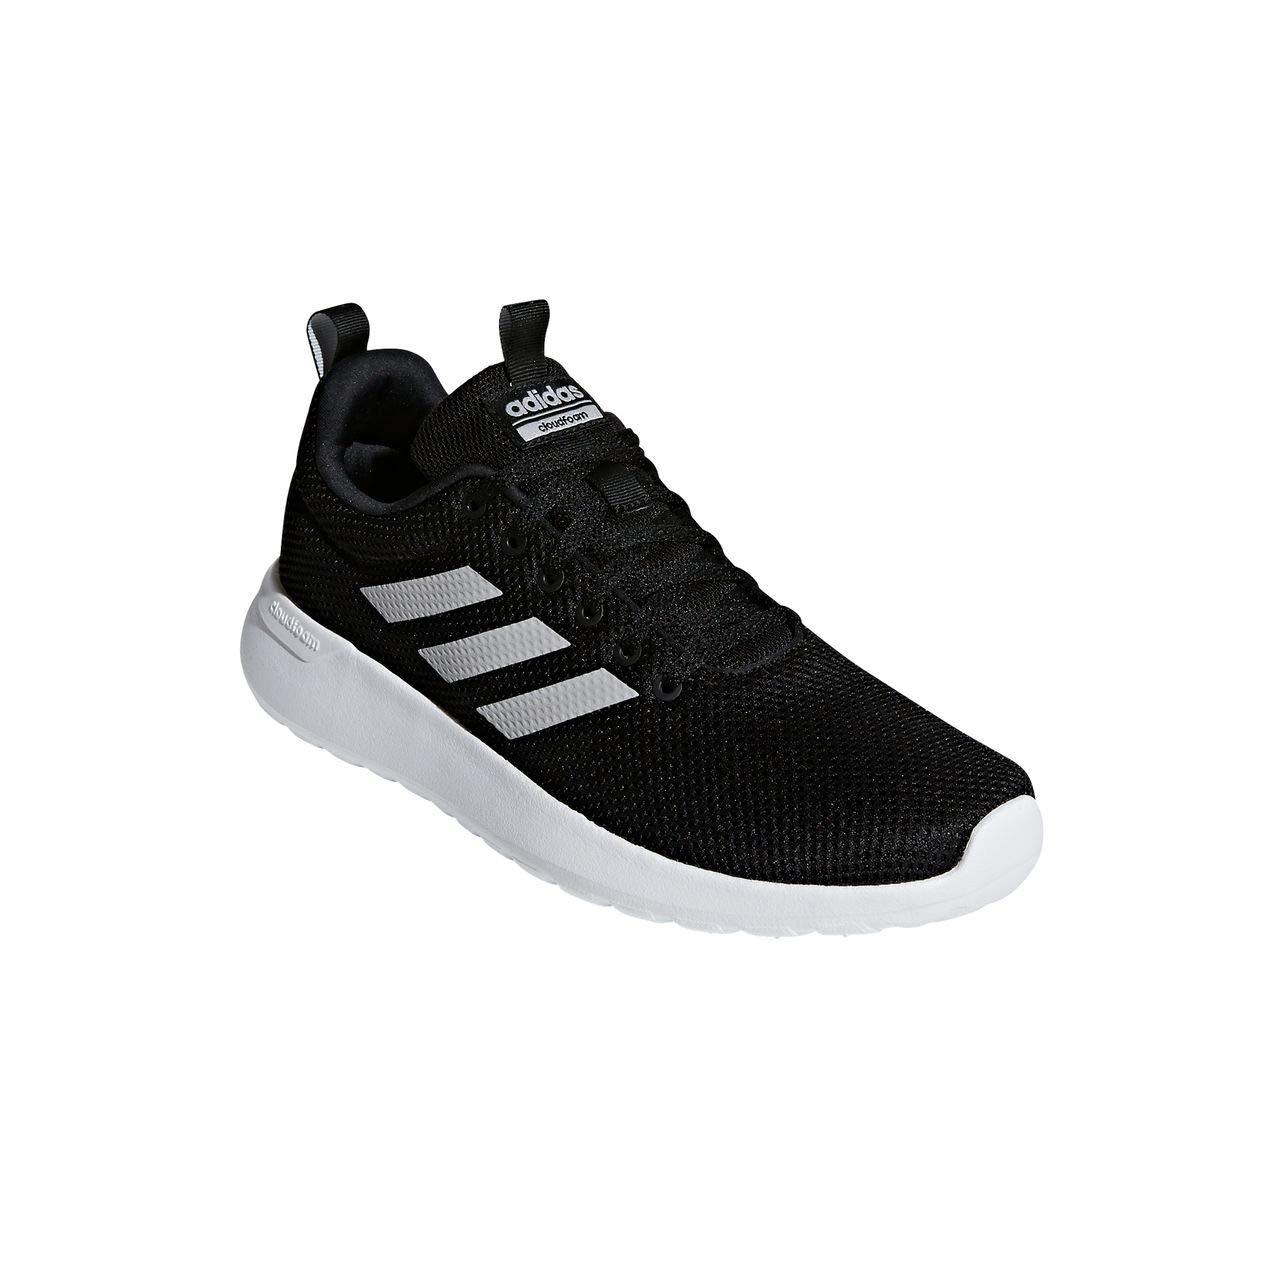 Noir adidas Lite Racer CLN, Chaussures de Running Homme EU 44 2 3 - UK 10